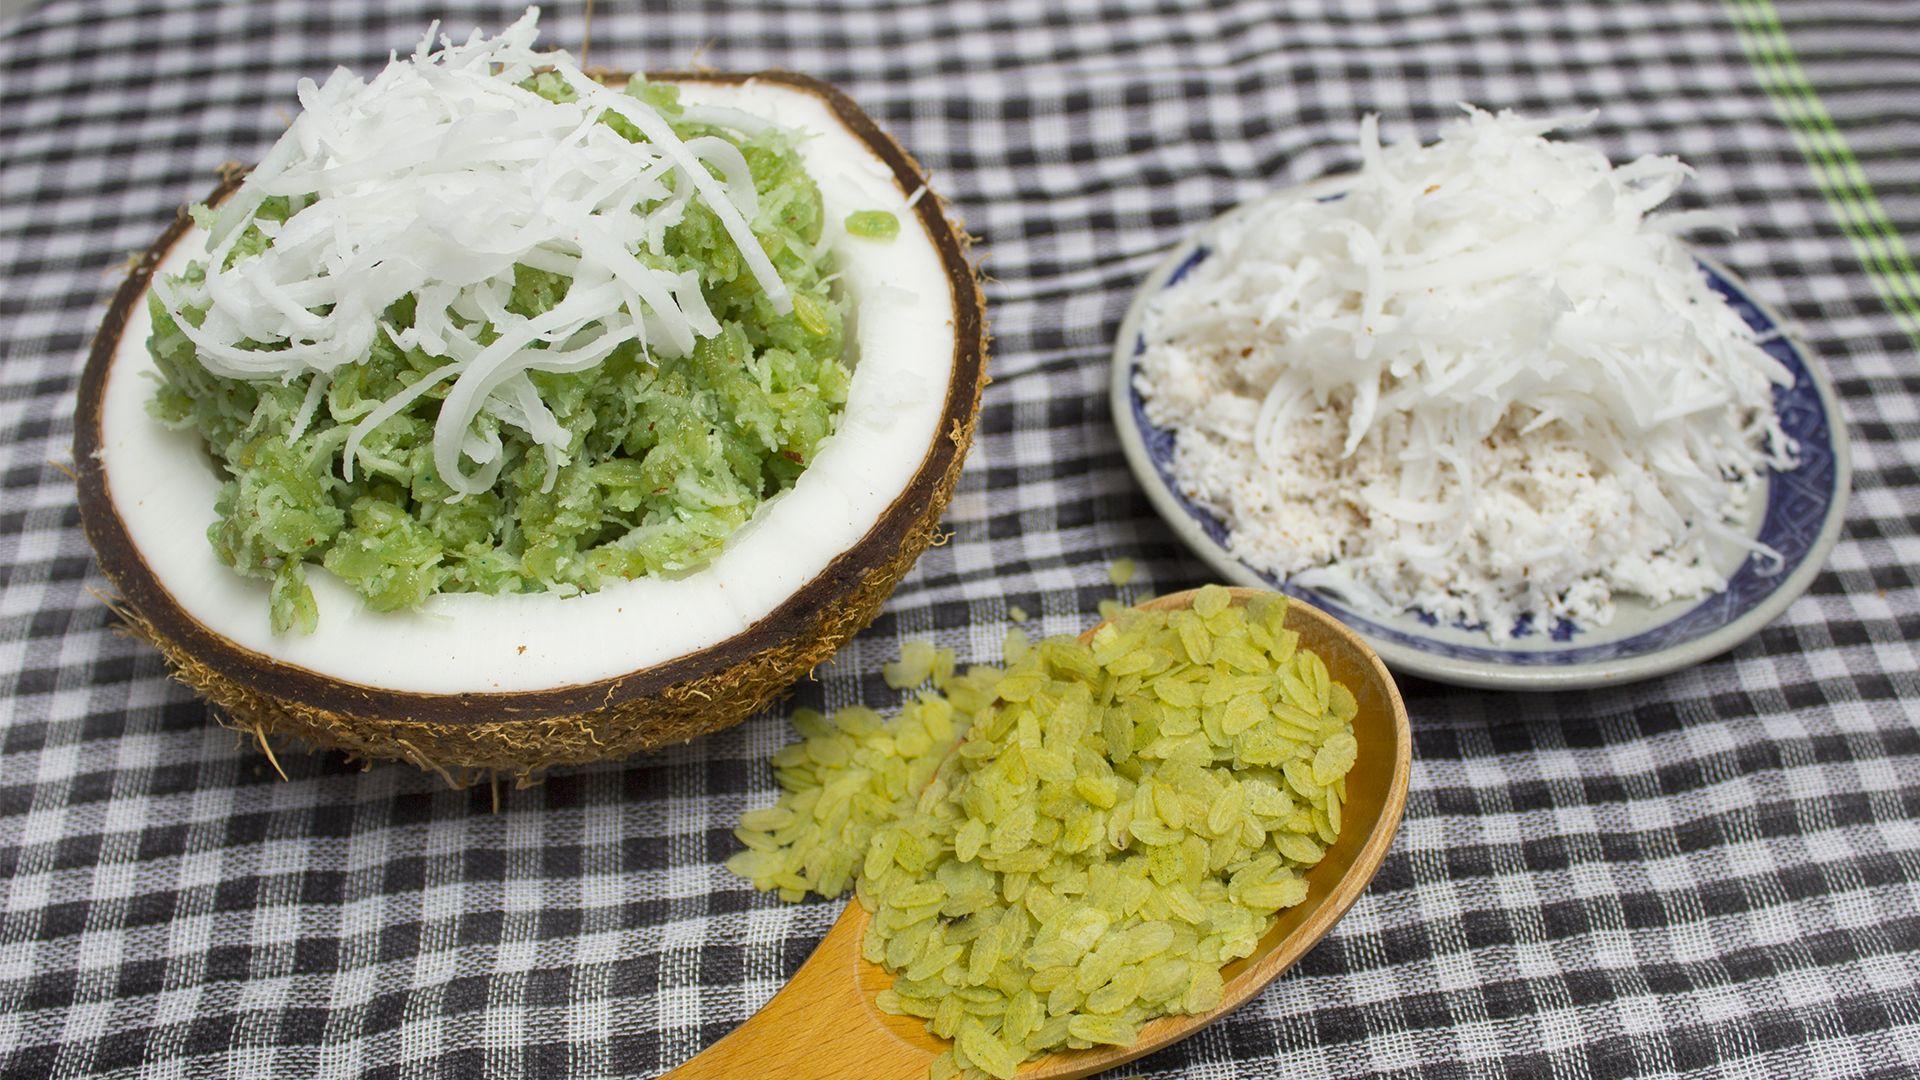 Cách làm cốm dẹp lá dứa trộn dừa thơm dẻo tại nhà bảo quản được gần 1 tuần - 6